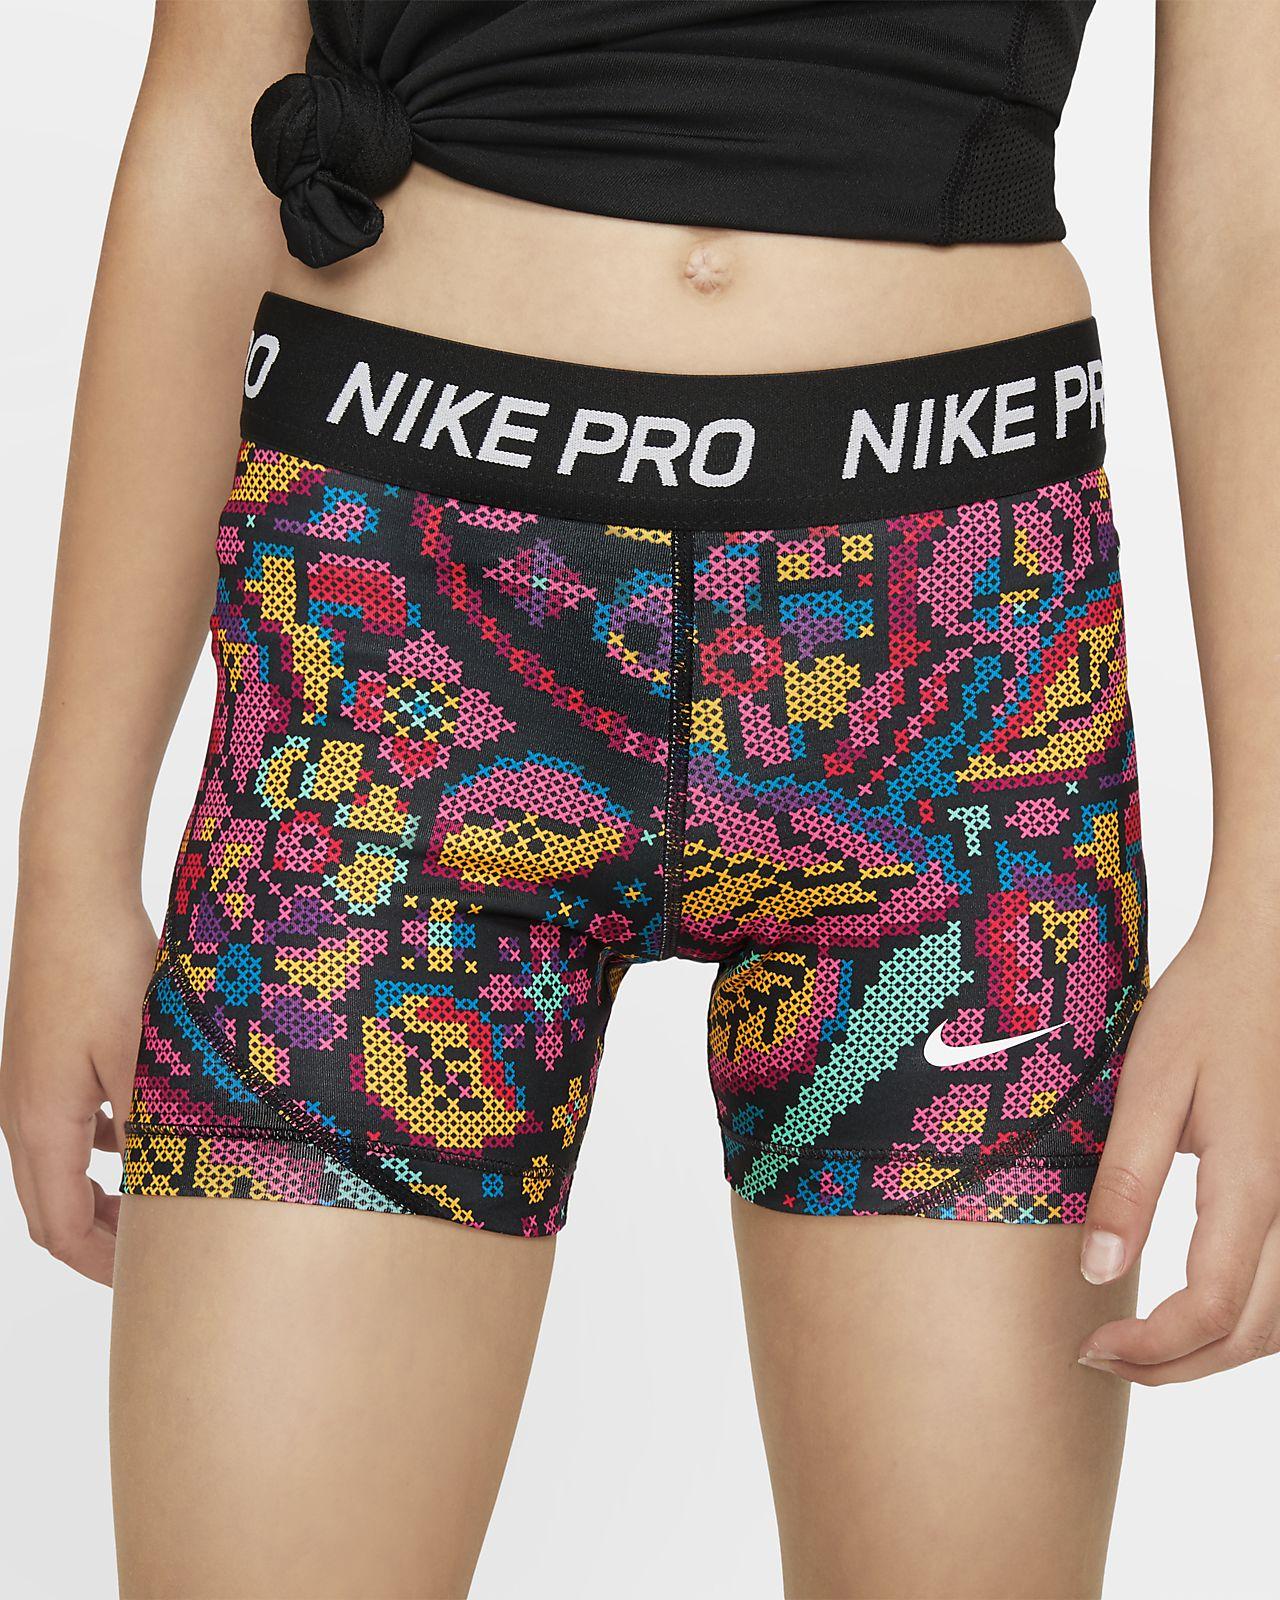 Nike Pro Baskılı Genç Çocuk (Kız) Şortu